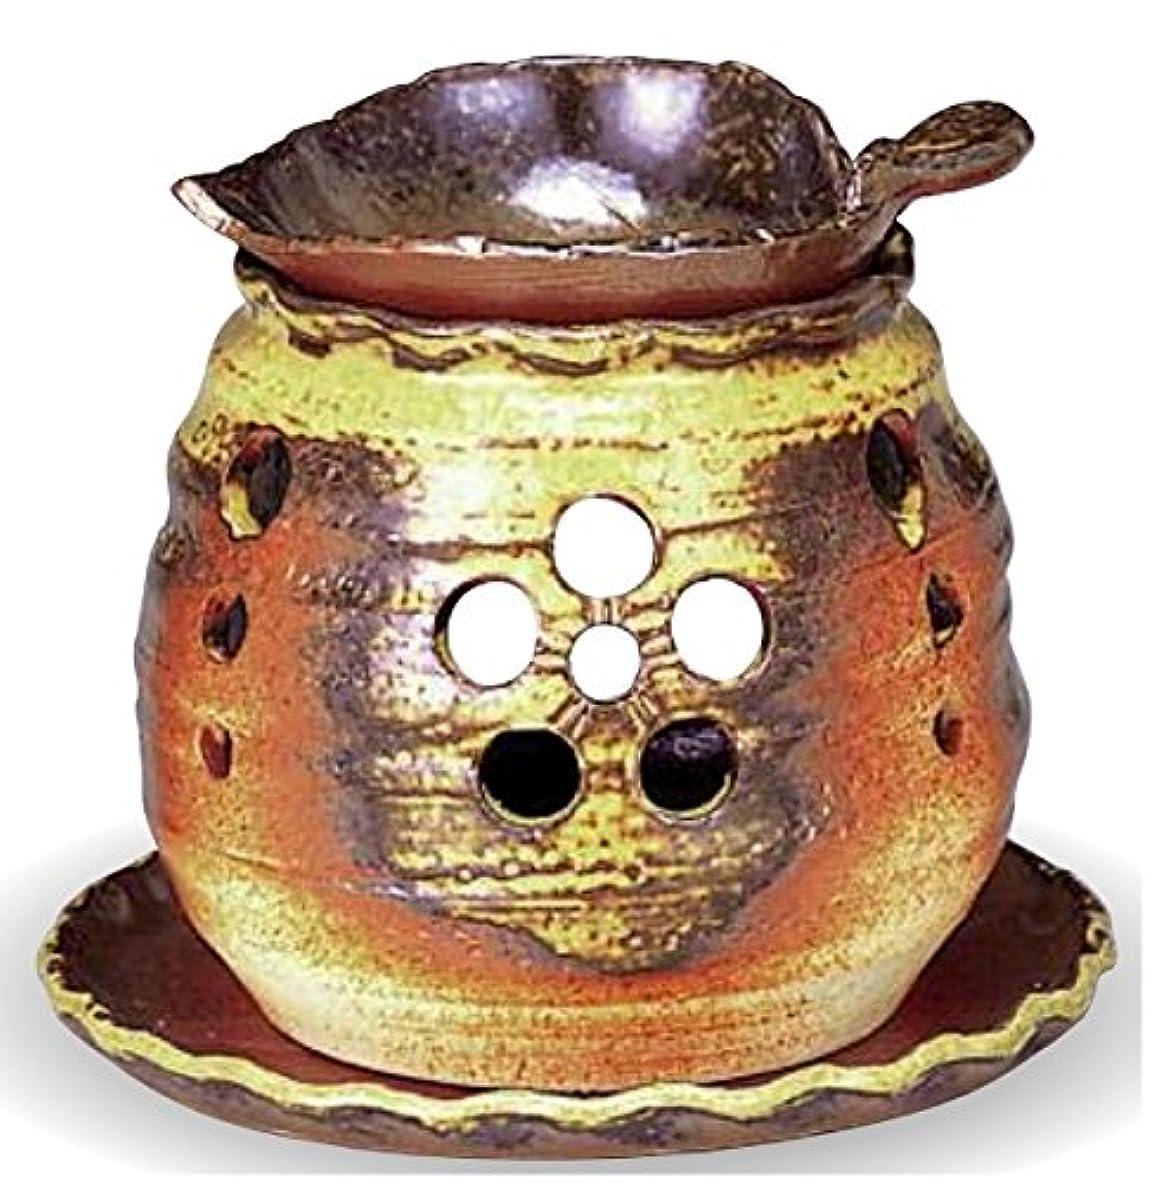 わなアルコーブナンセンス常滑焼 茶香炉(アロマポット)木ノ葉皿 径10×高さ10.5cm